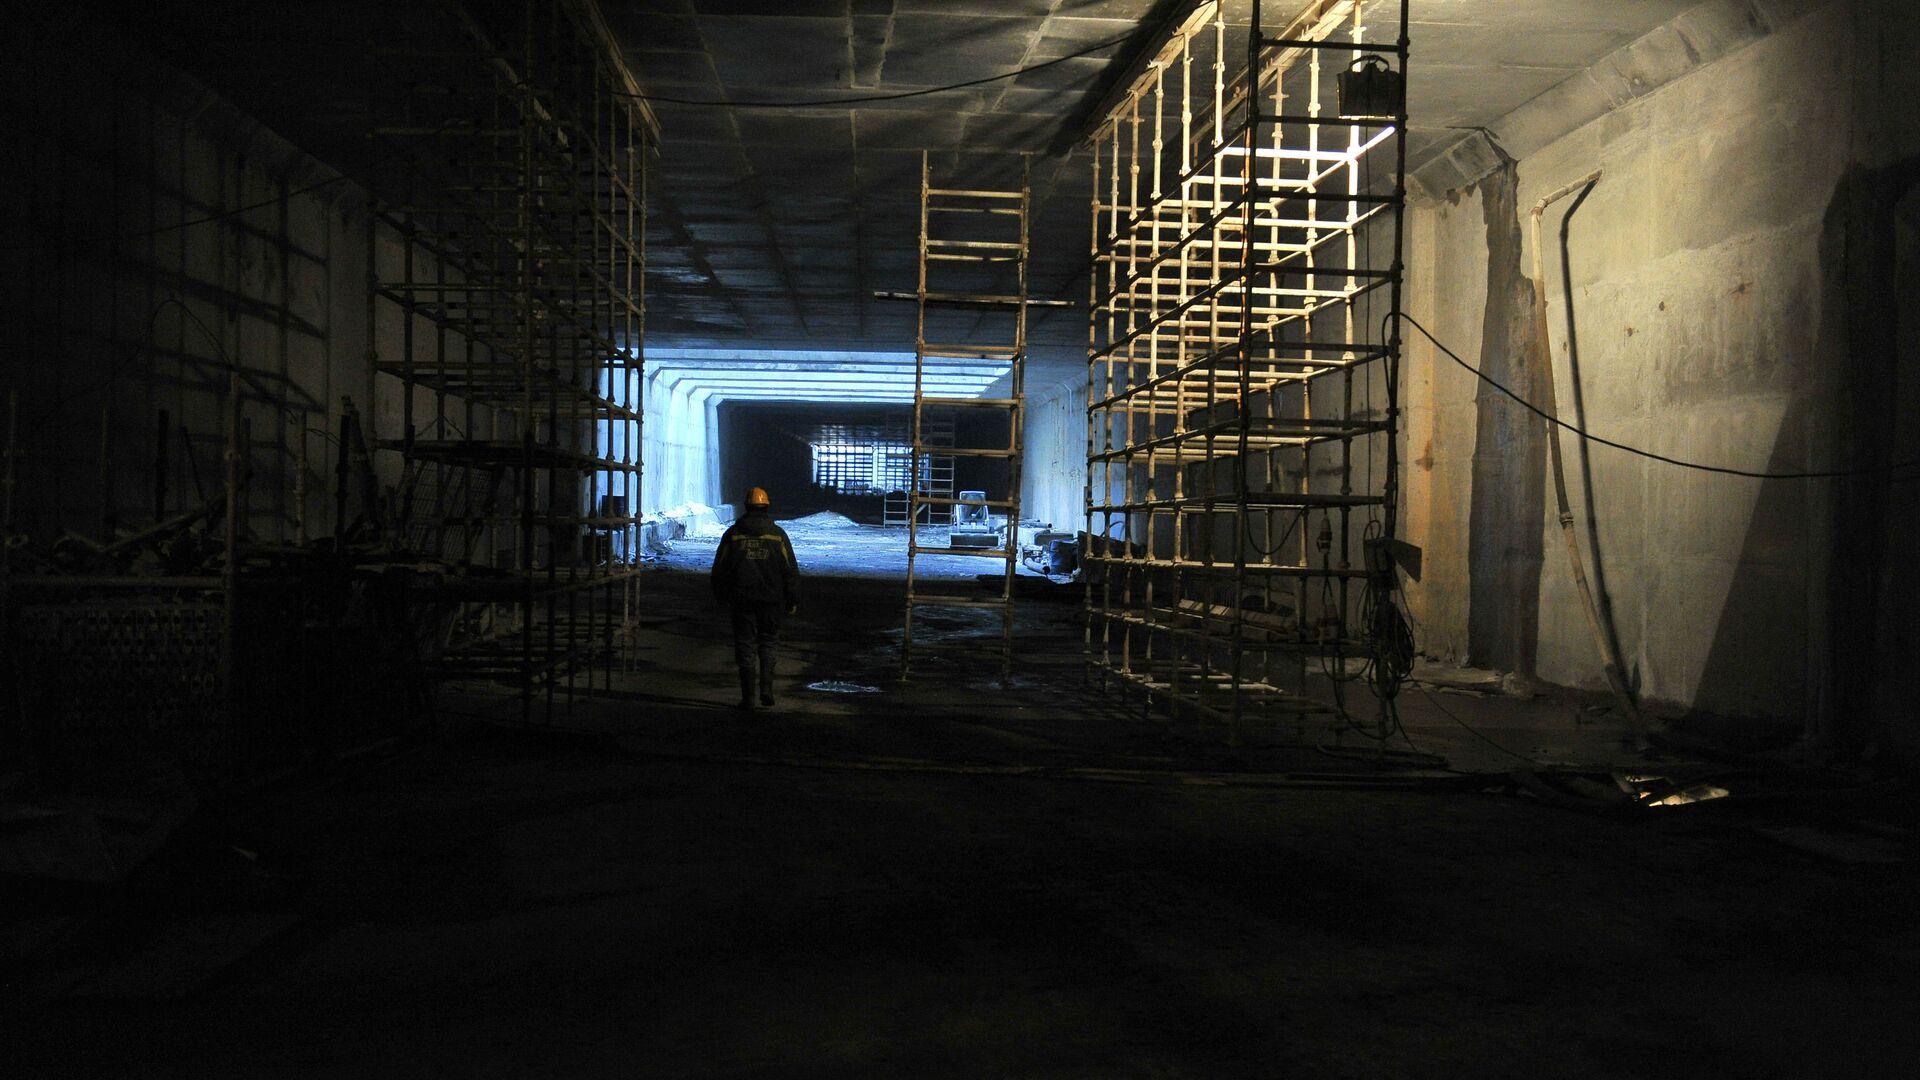 Строительство тоннеля - РИА Новости, 1920, 31.08.2021